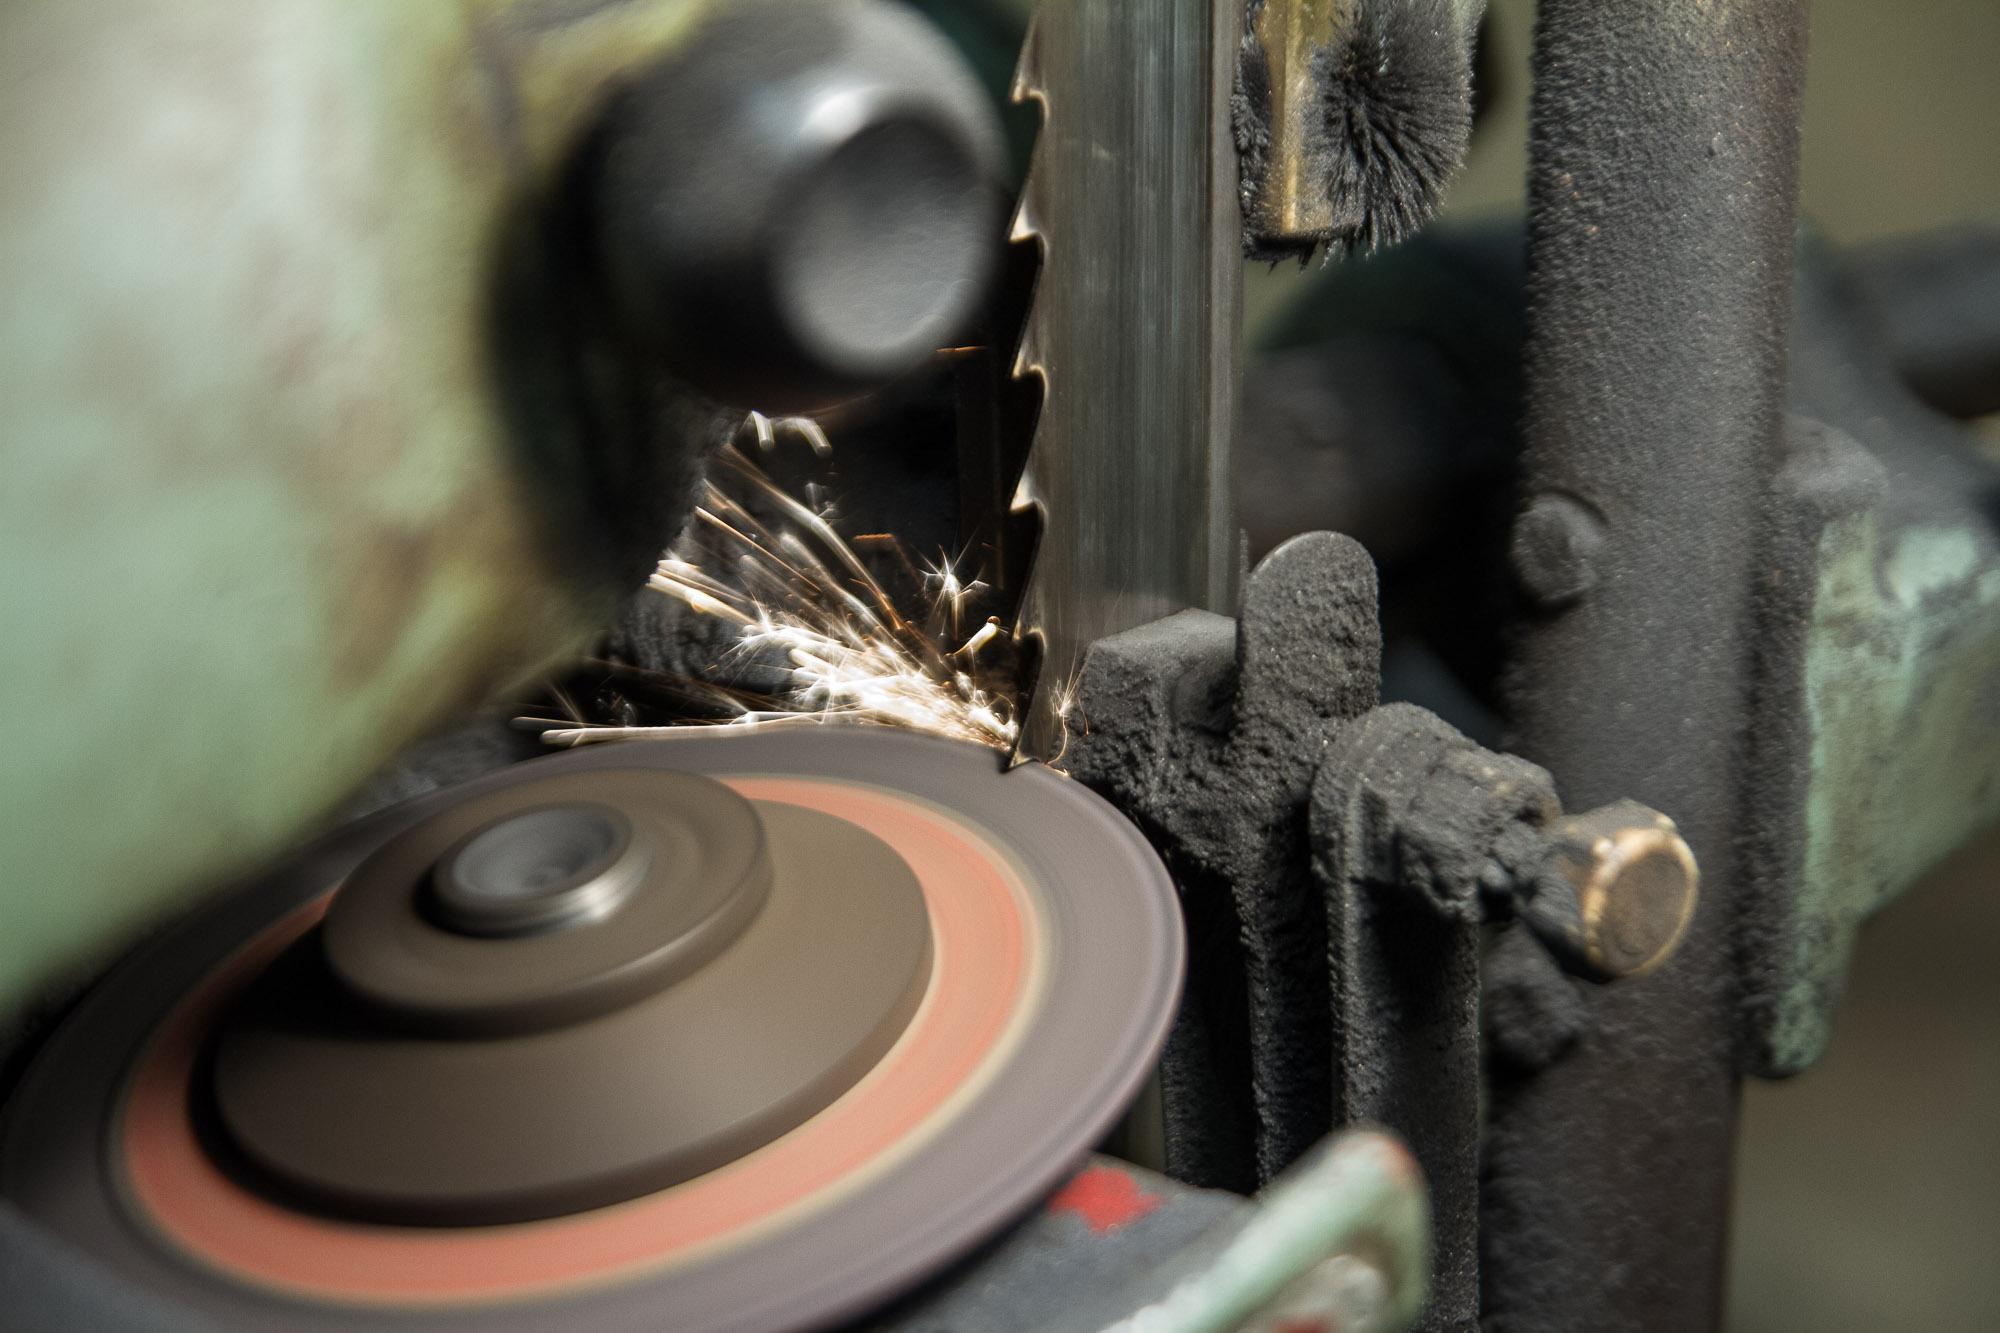 Schleifmaschine, Foto Jan Ramroth